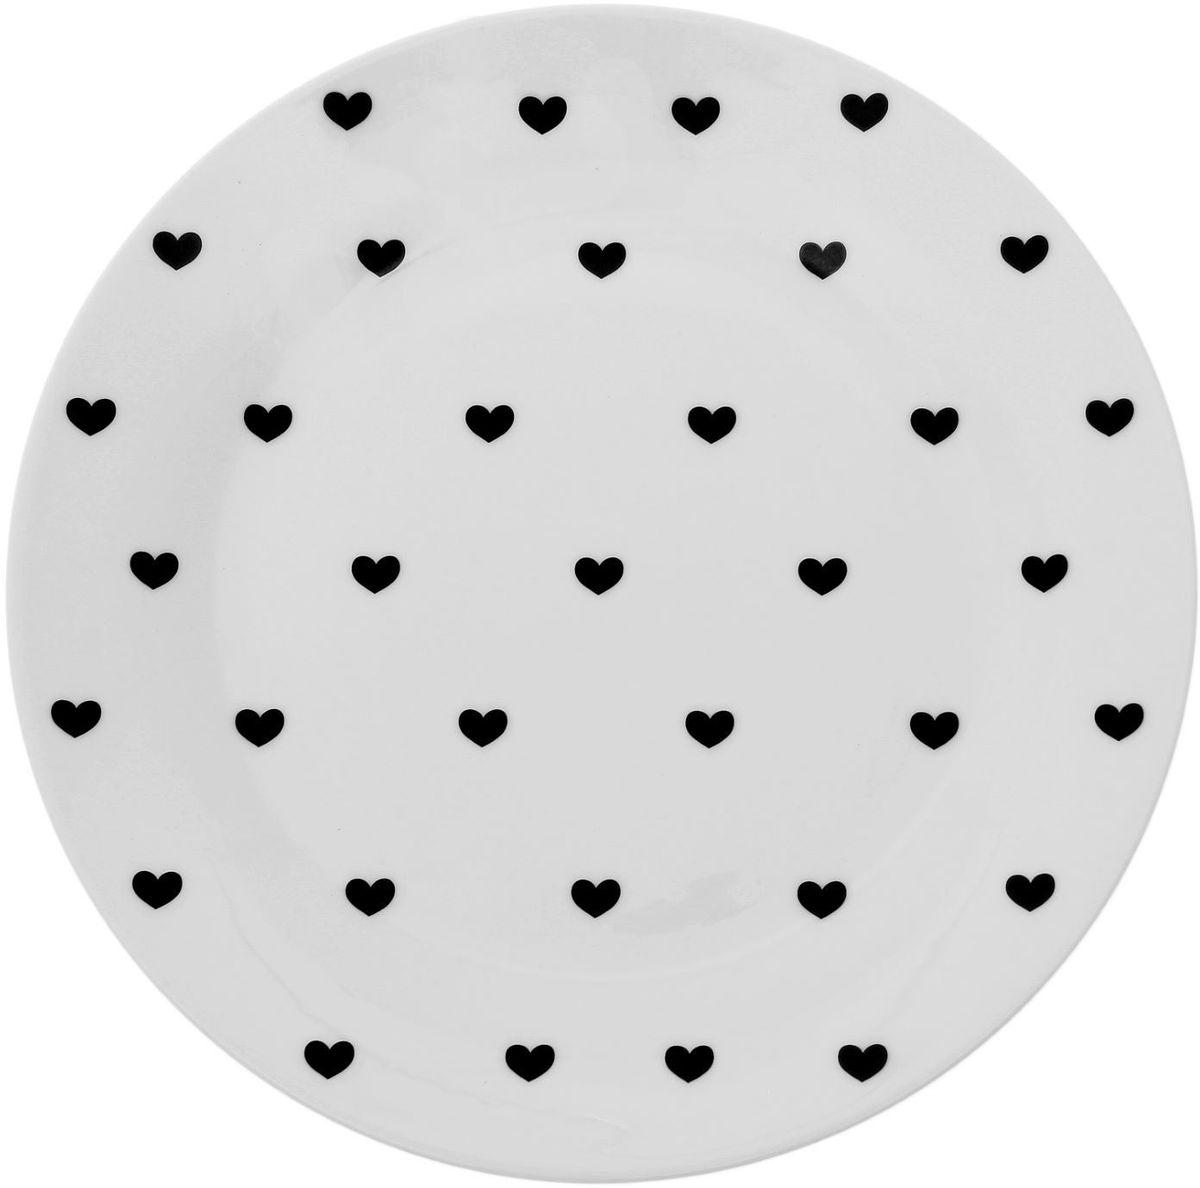 Тарелка мелкая Сотвори чудо Маленькое сердце, диаметр 23 см54 009312Хотите обновить интерьер кухни или гостиной? Устраиваете необычную фотосессию или тематический праздник? А может, просто ищете подарок для близкого человека? Посуда Сотвори Чудо — правильный выбор в любой ситуации. Тарелка Сотвори Чудо, изготовленная из изящного фаянса нежного сливочного цвета, оформлена оригинальным рисунком со стойкой краской. Пригодна для посудомоечной машины.